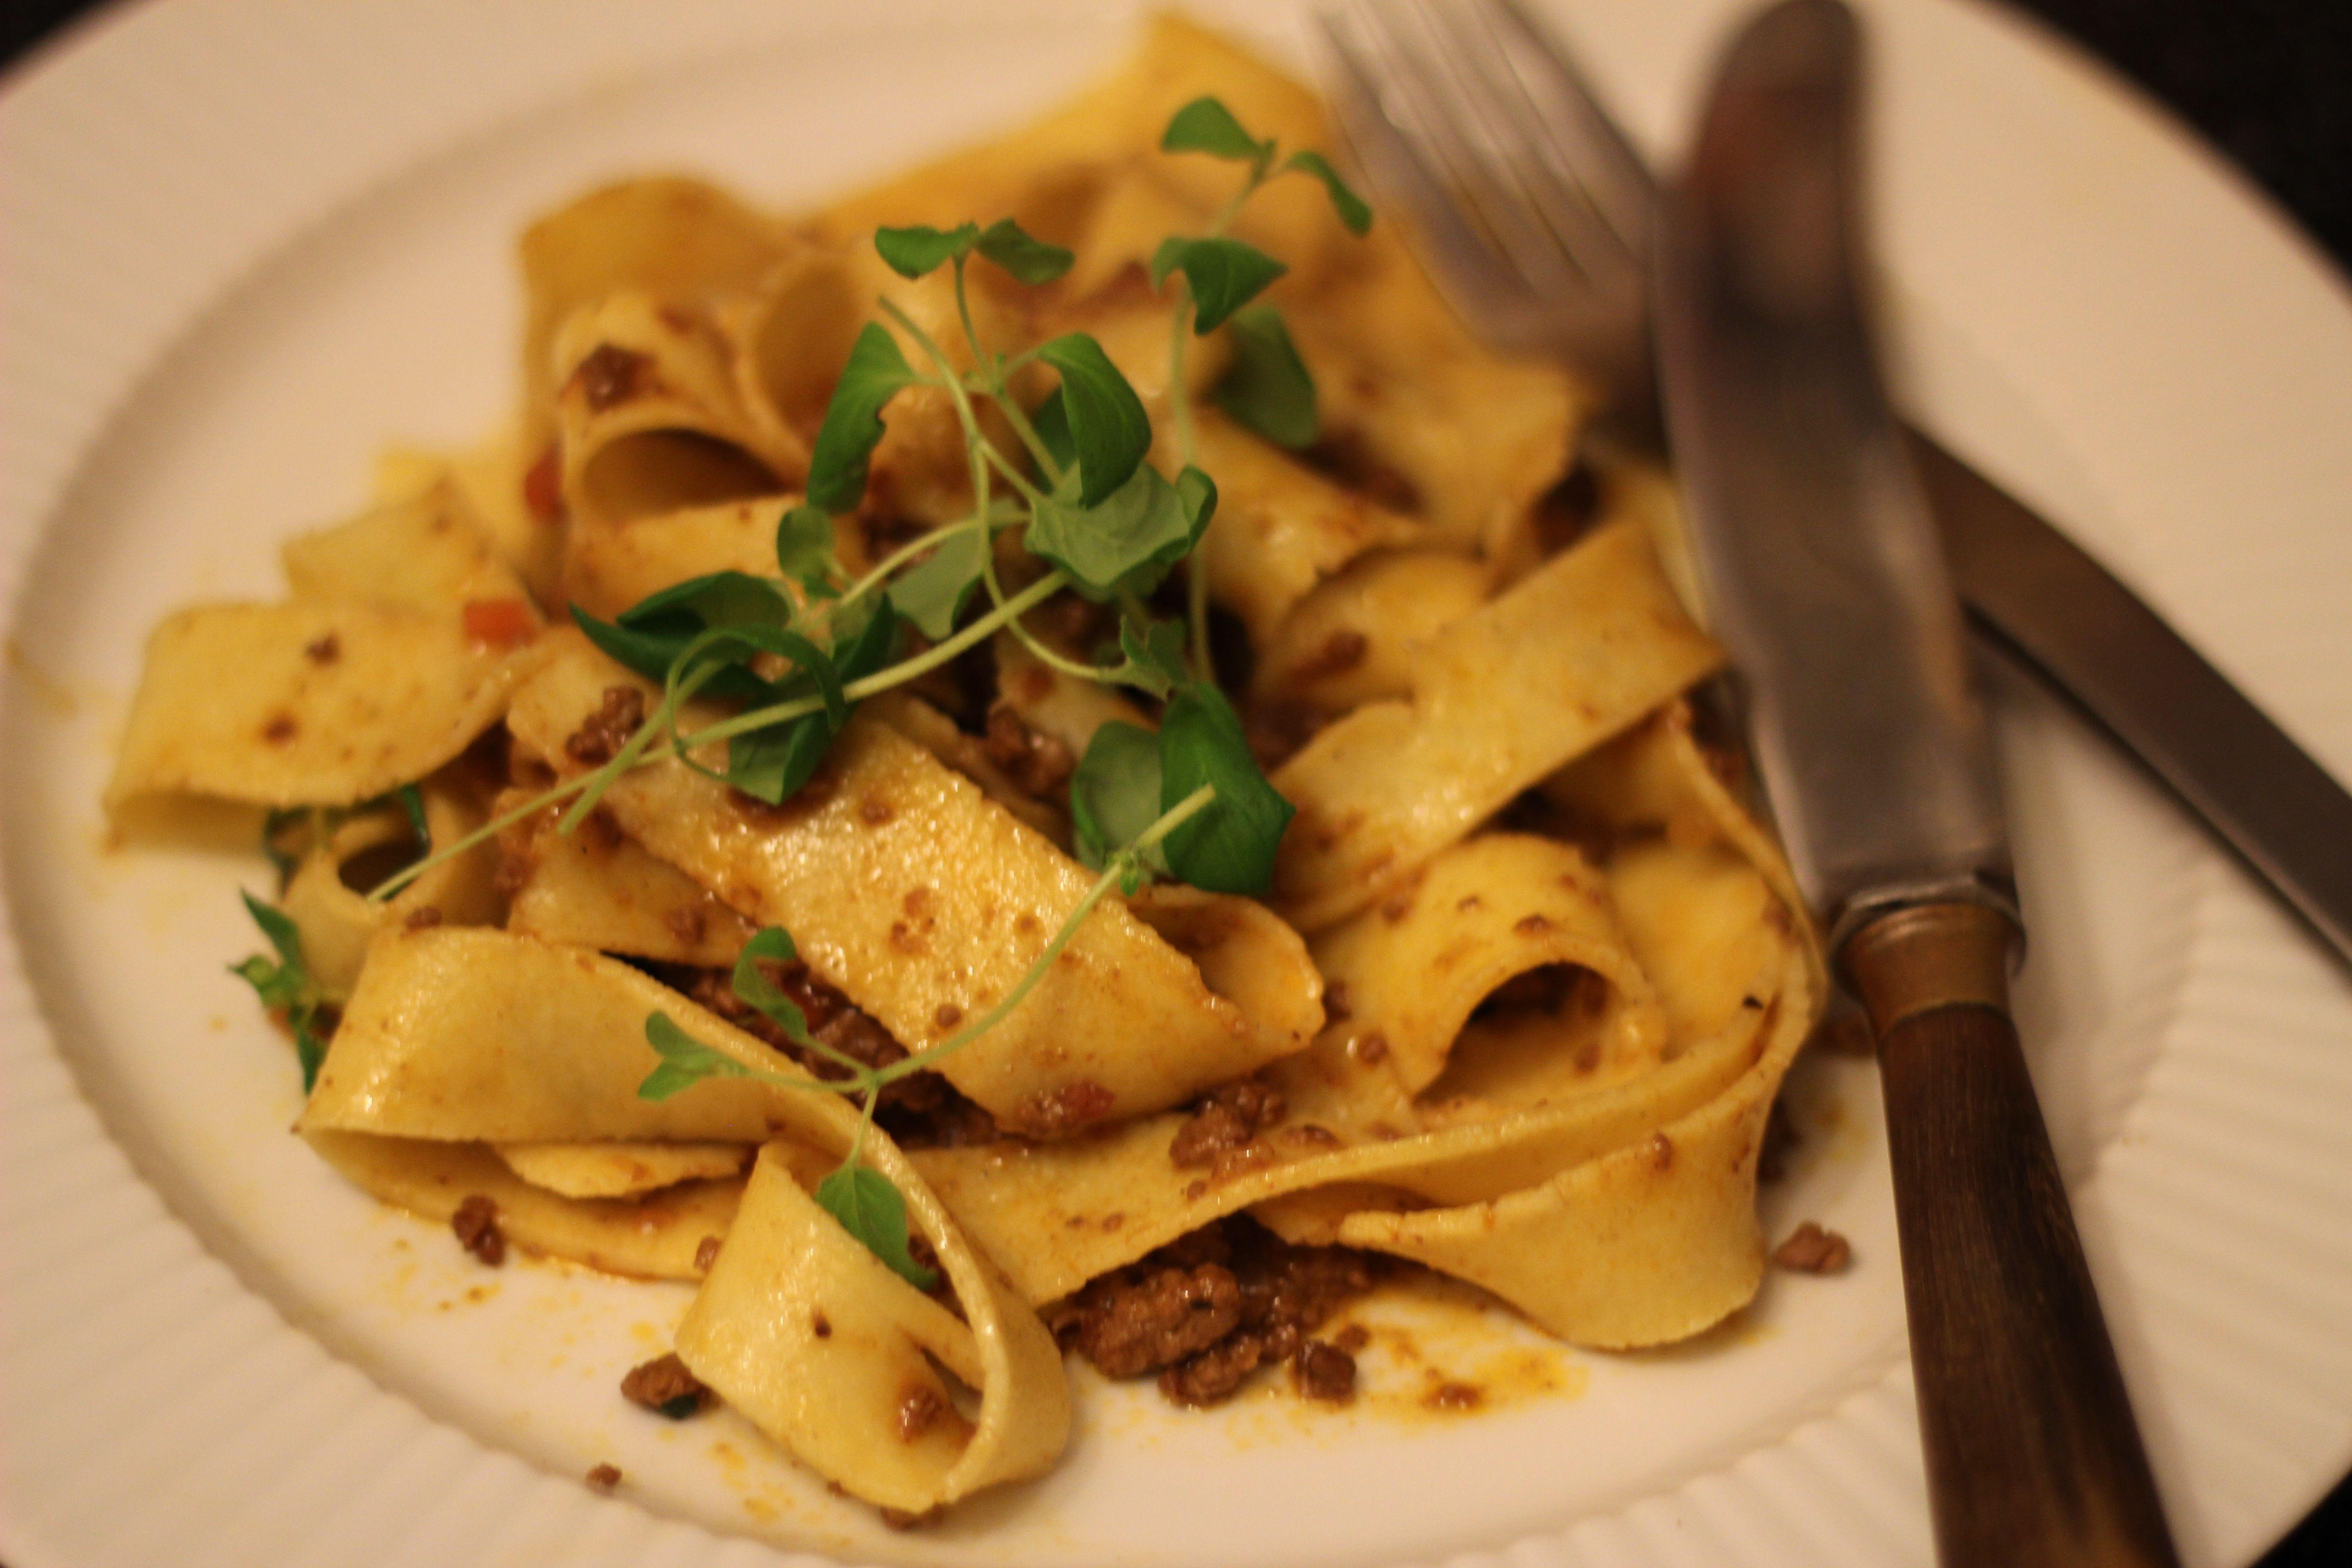 Mange tror fejlagtigt, at spaghetti med kødsovs er en hurtig hverdagsret og lidt af en tarvelig spise. Ikke med denne originale opskrift på Ragu bolognese!